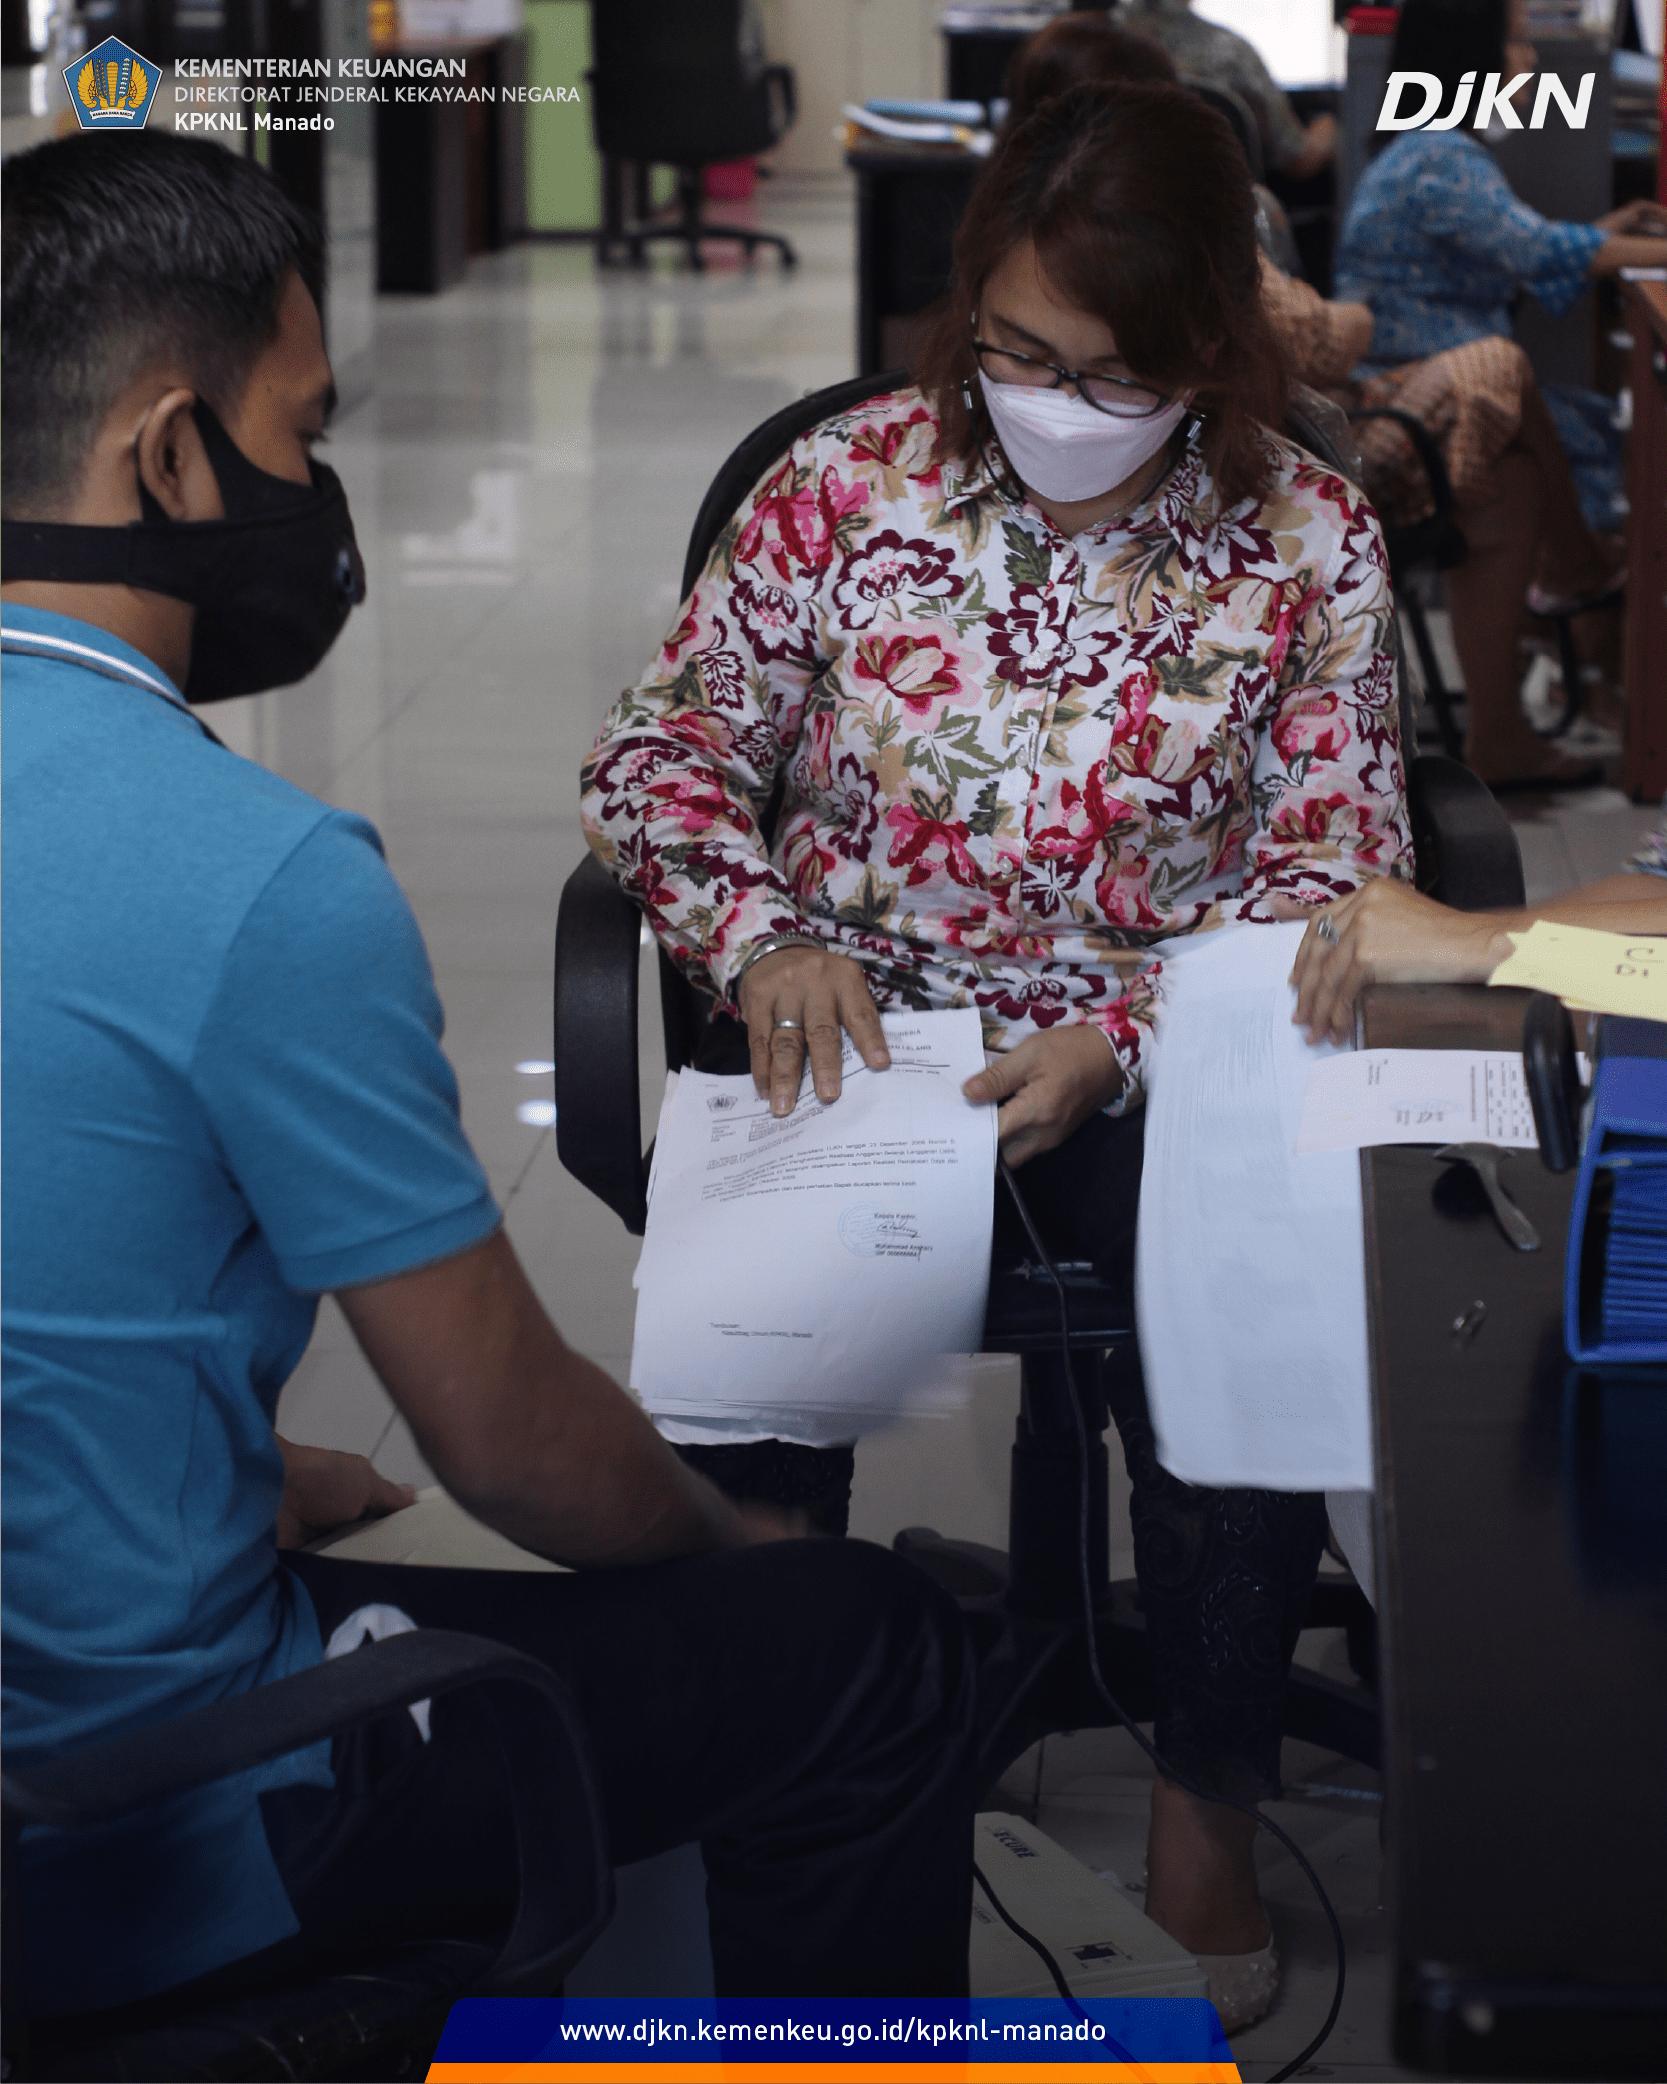 Pemusnahan Arsip KPKNL Manado untuk Pengelolaan Arsip yang Lebih Baik